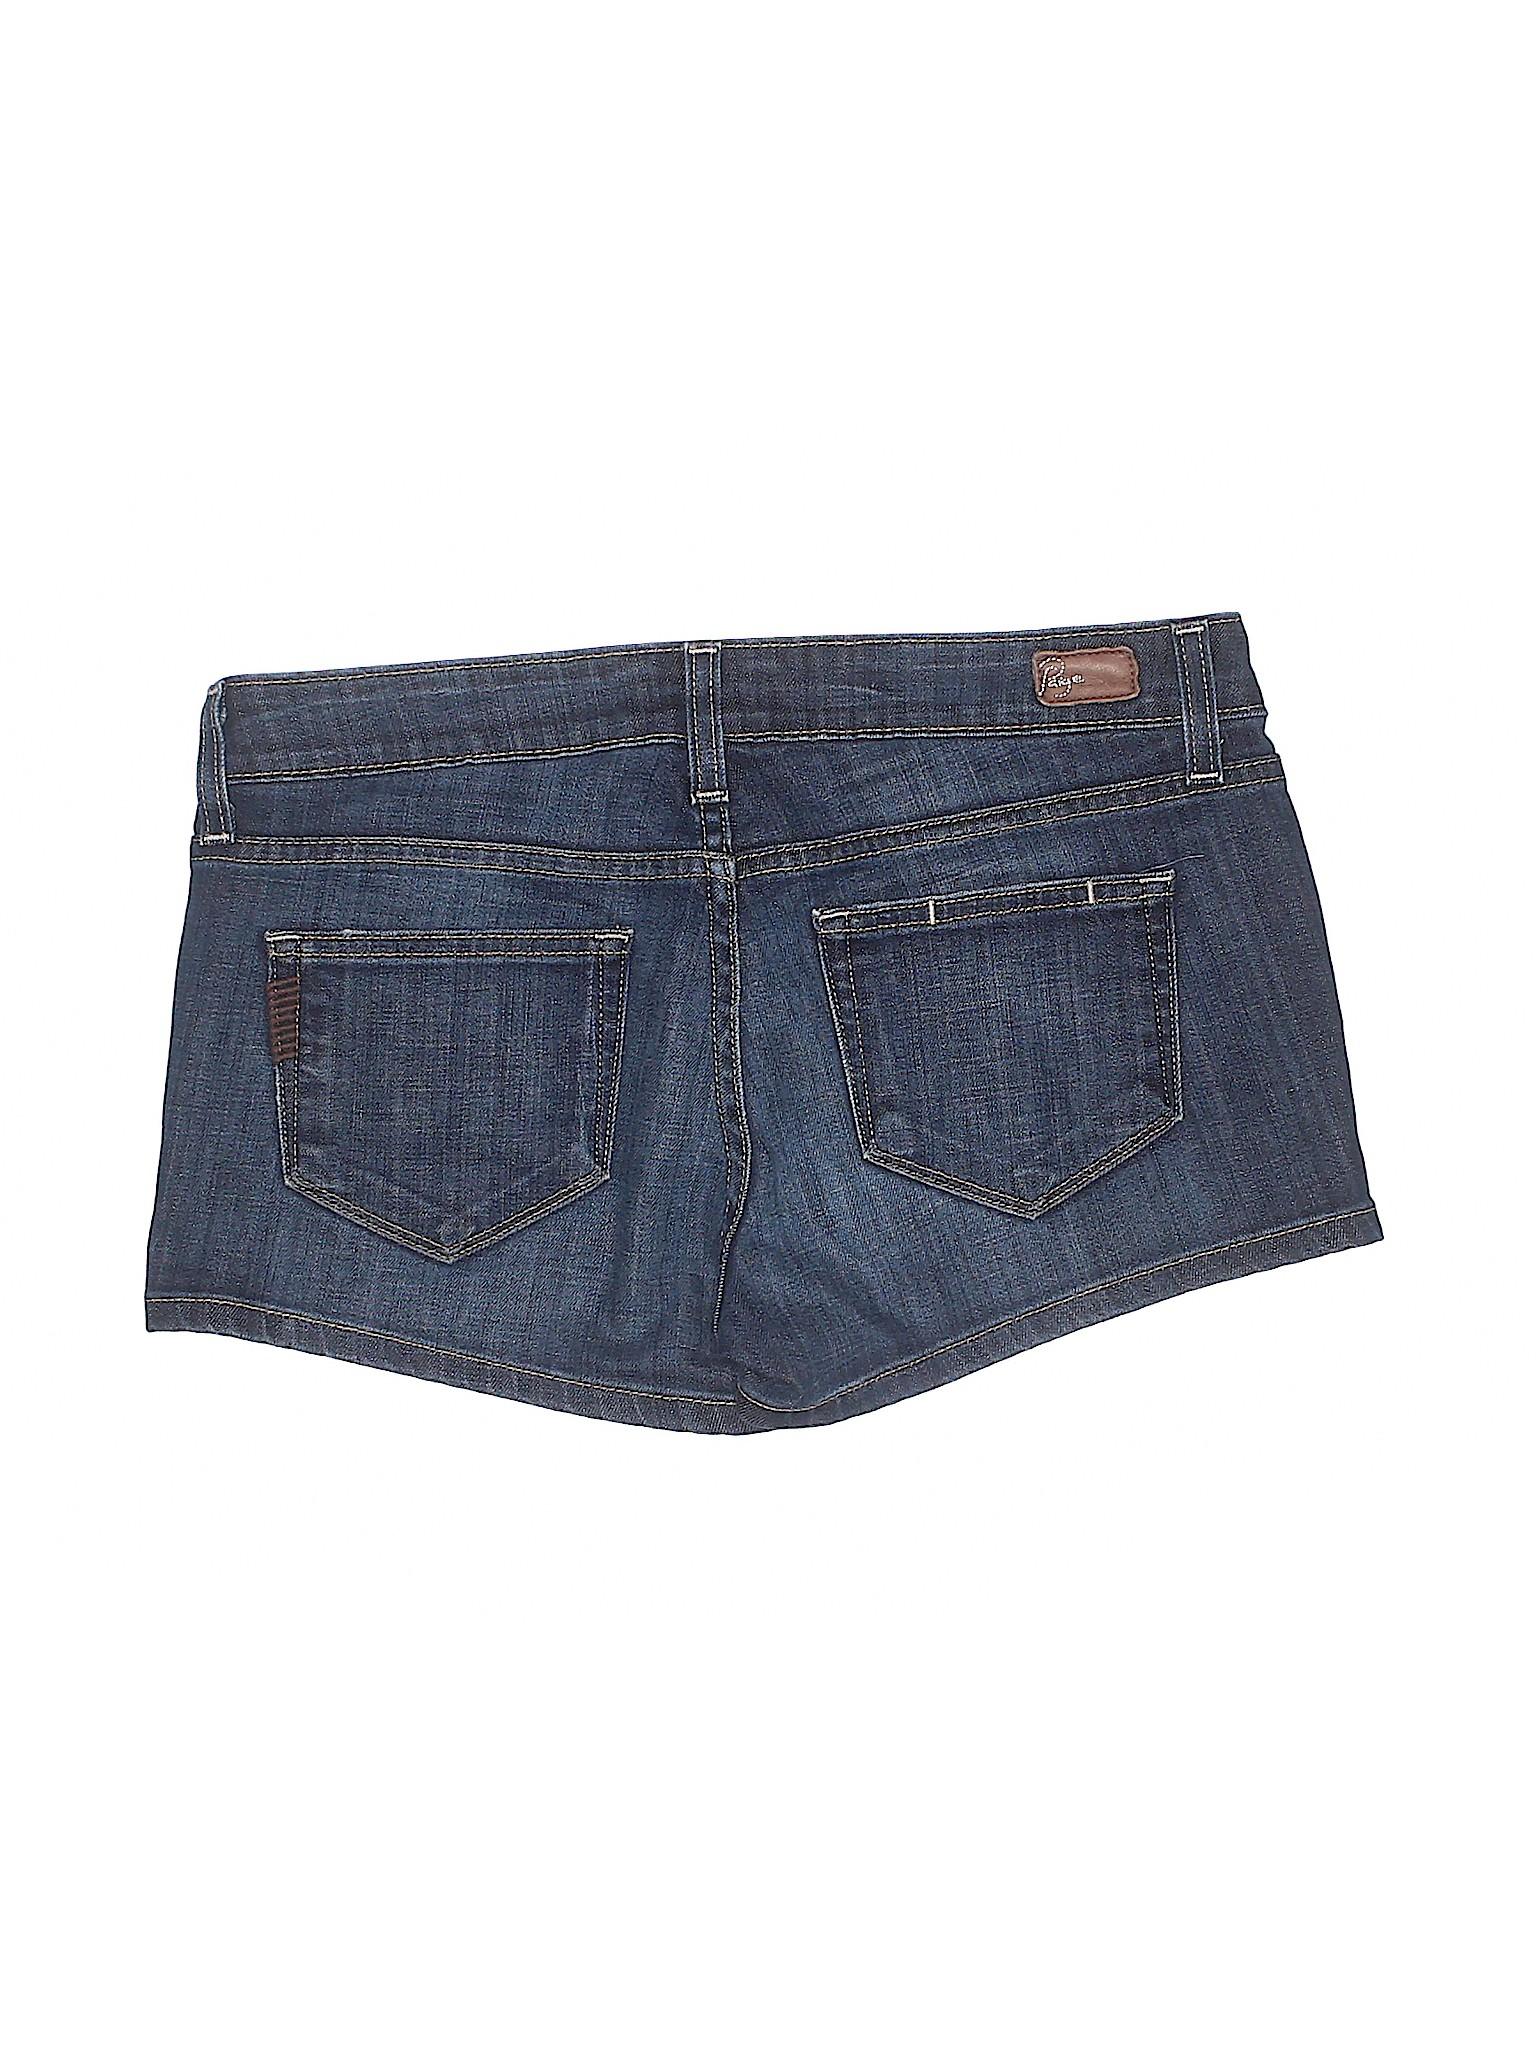 leisure Paige Boutique leisure Shorts Boutique Denim 16ax1Eqnw